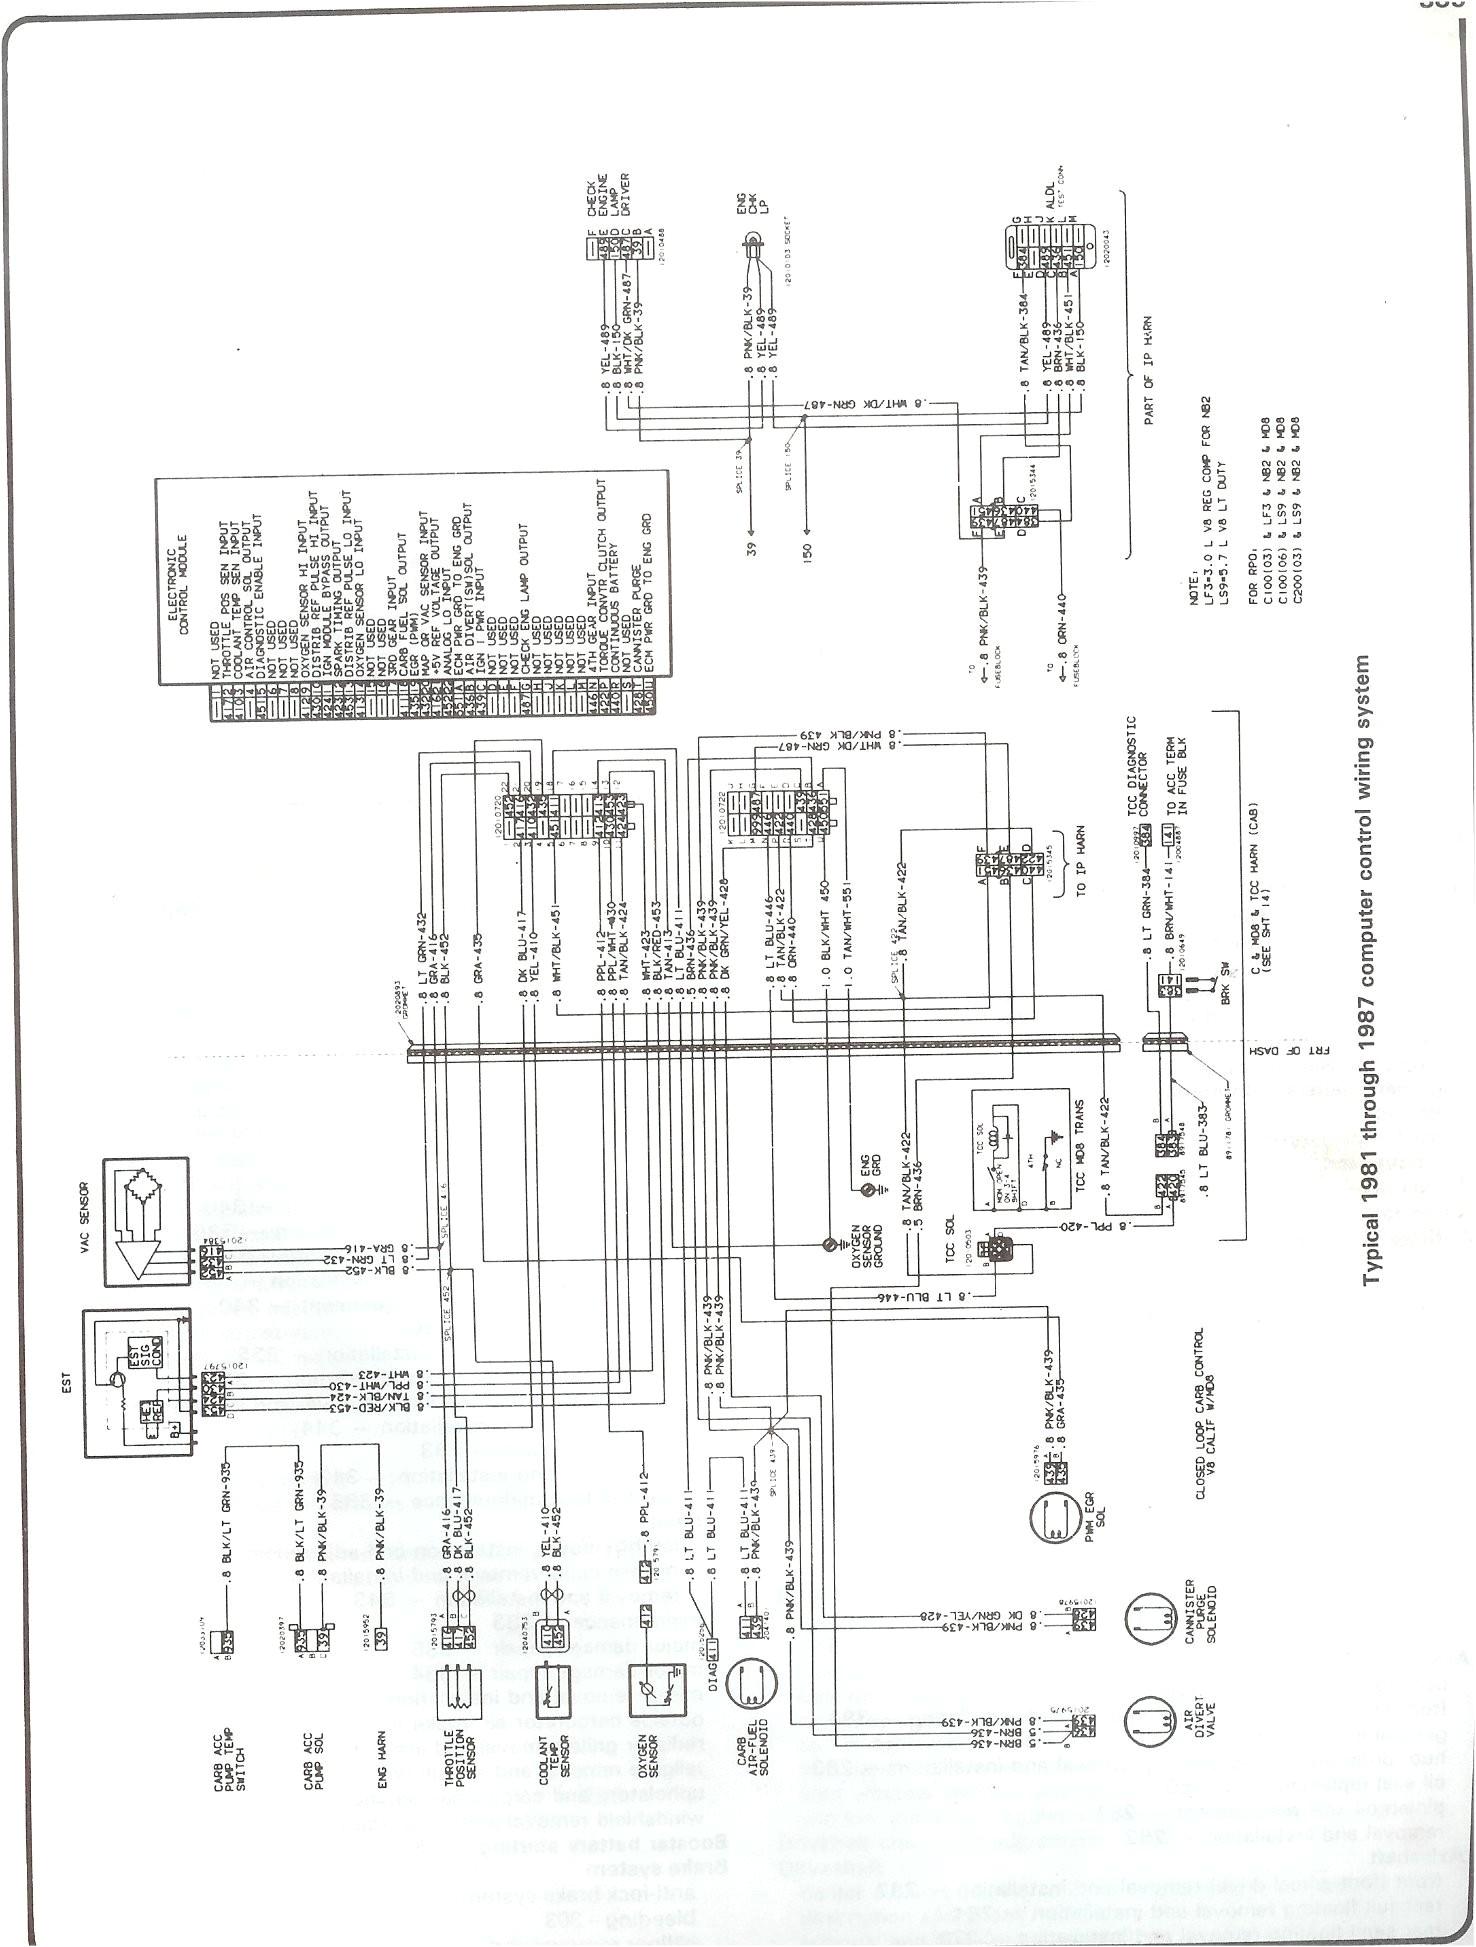 chevy silverado instrument cluster wiring diagram a chevy silverado instrument cluster wirin